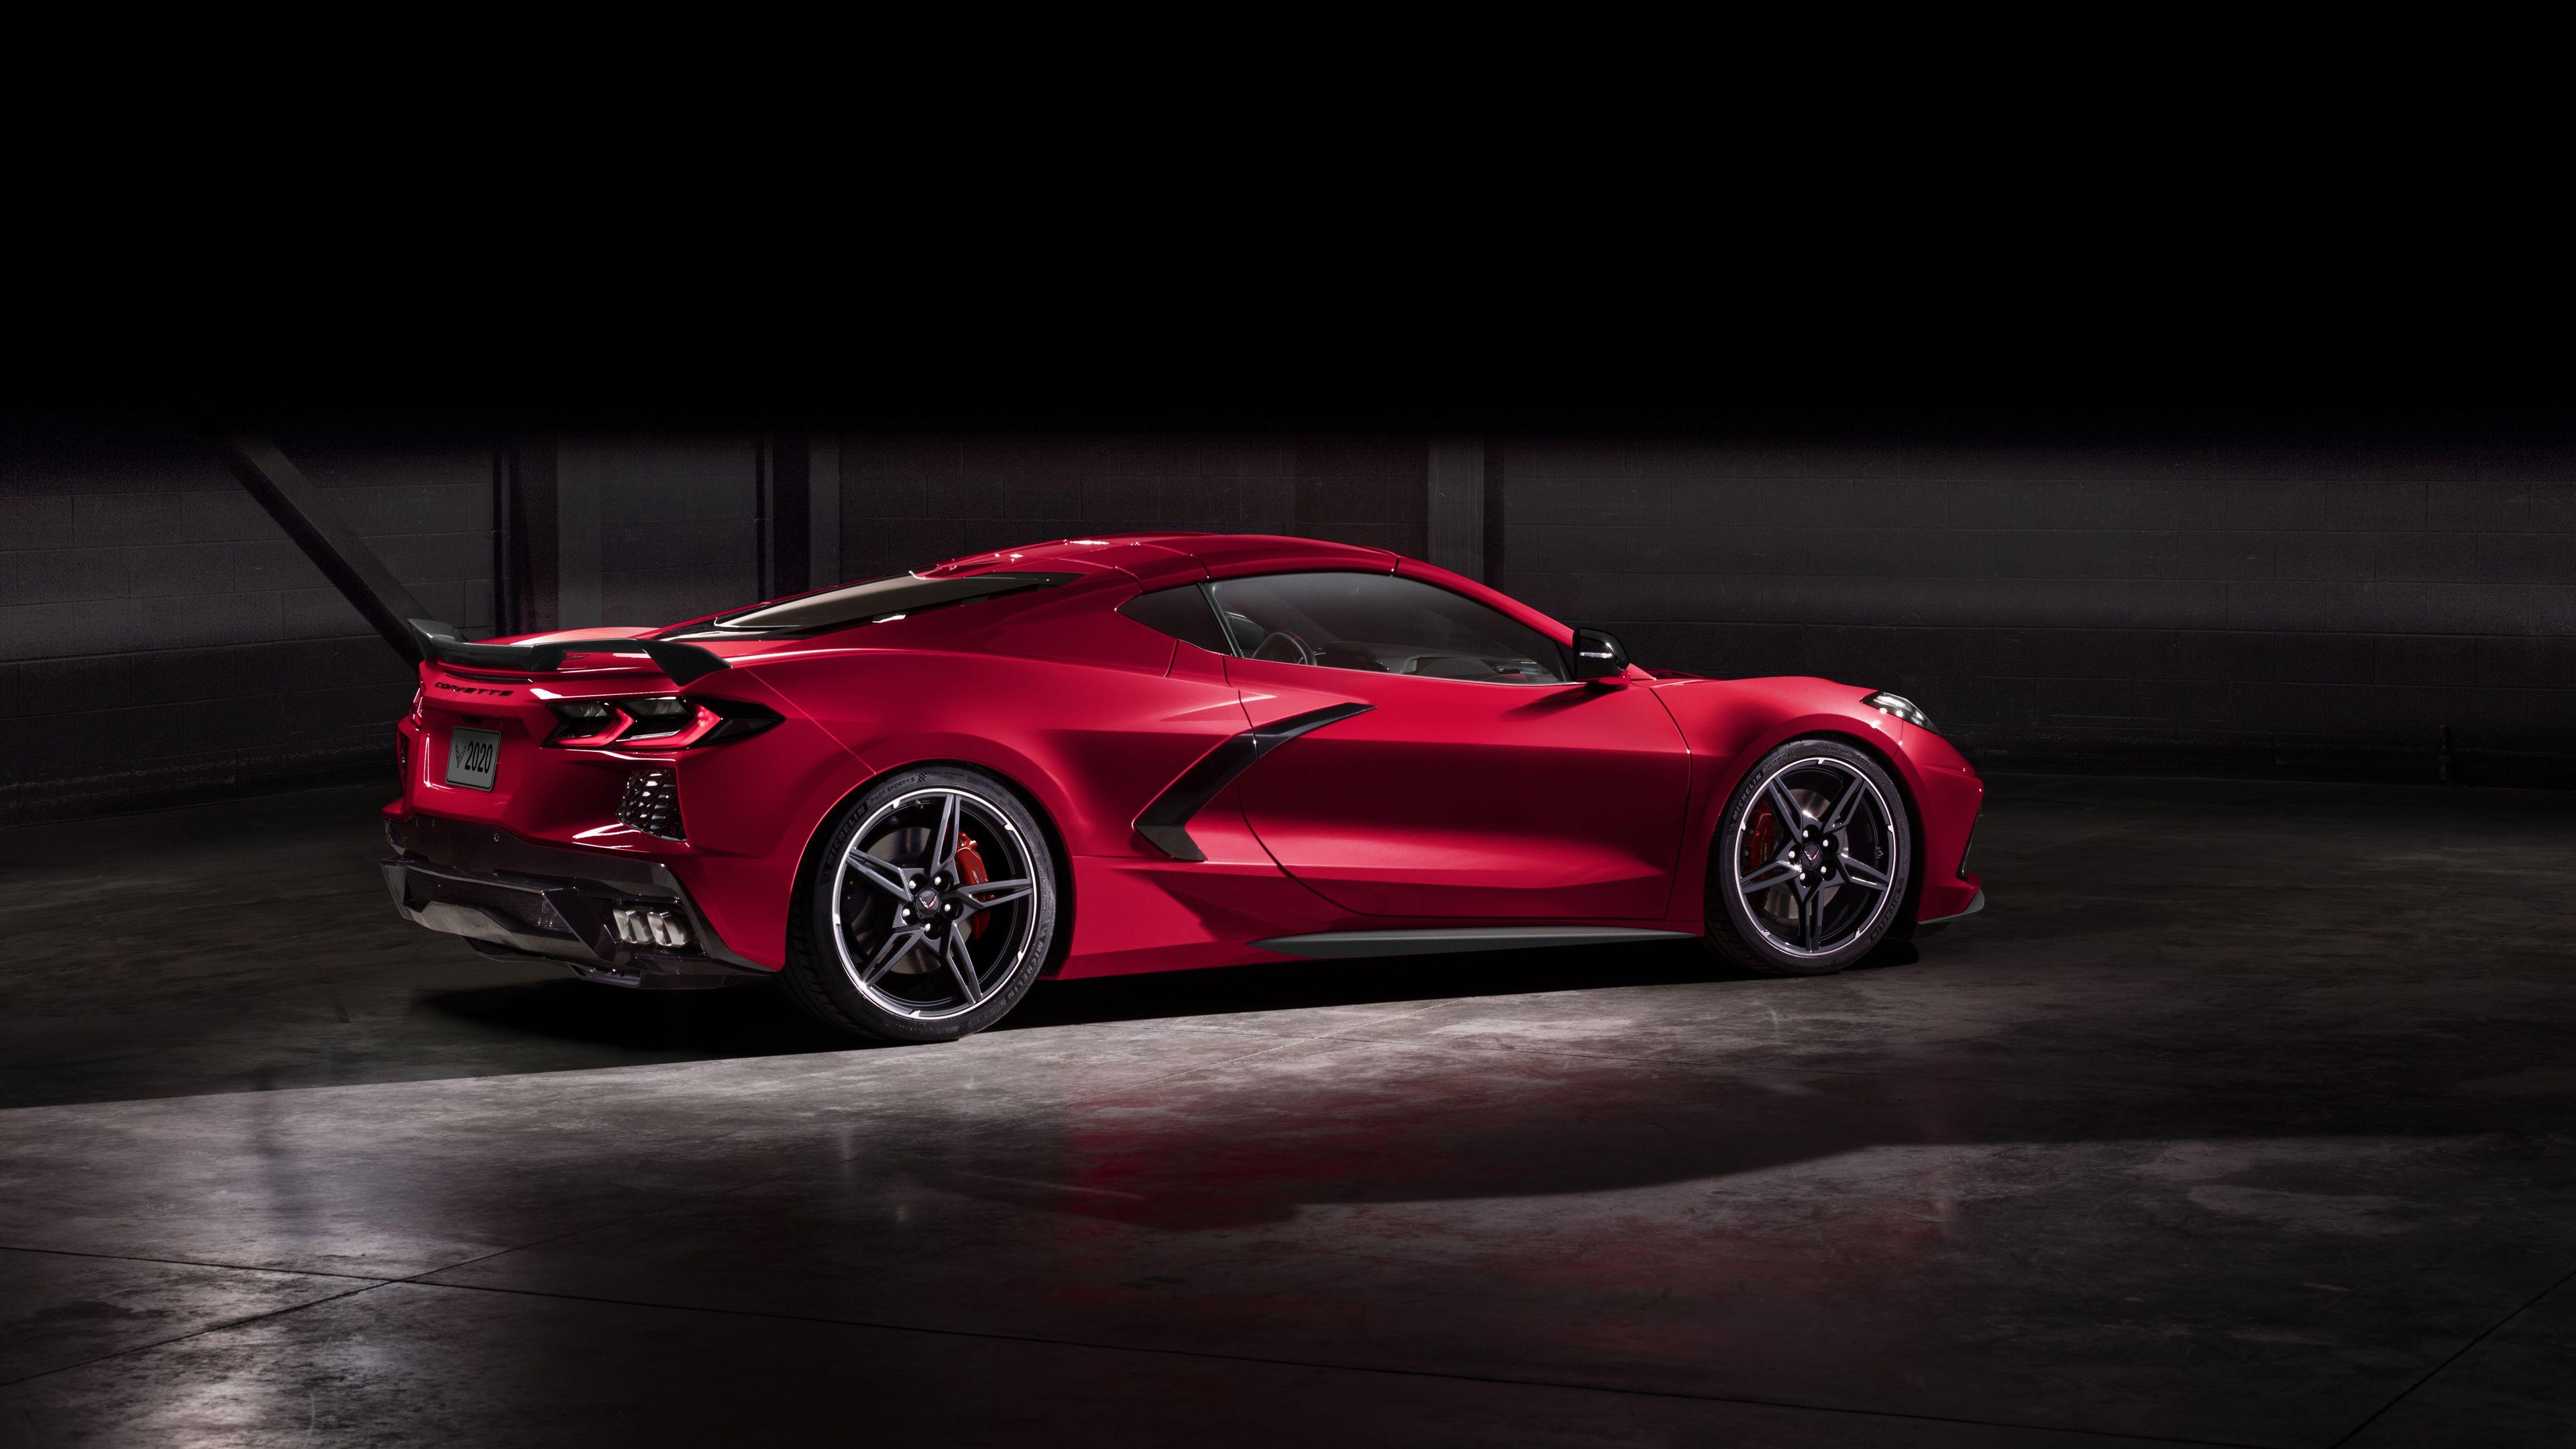 2020 chevrolet corvette stingray c8 rear new 1565055084 - 2020 Chevrolet Corvette Stingray C8 Rear New - hd-wallpapers, corvette wallpapers, chevrolet wallpapers, chevrolet corvette stingray c8 wallpapers, cars wallpapers, 8k wallpapers, 5k wallpapers, 4k-wallpapers, 2020 cars wallpapers